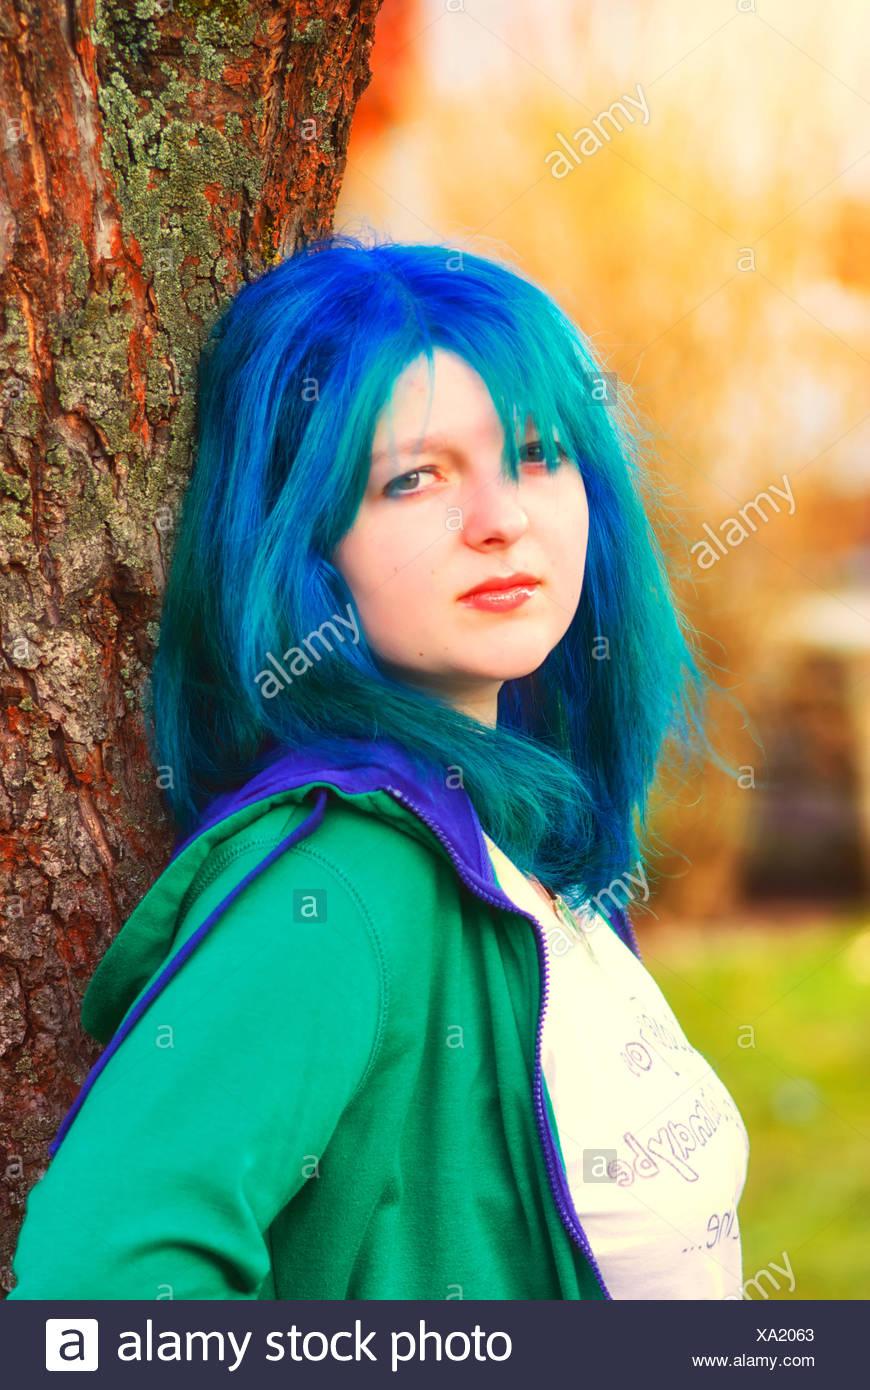 Mädchen mit blauen Haaren Stockfoto, Bild: 281556523 - Alamy